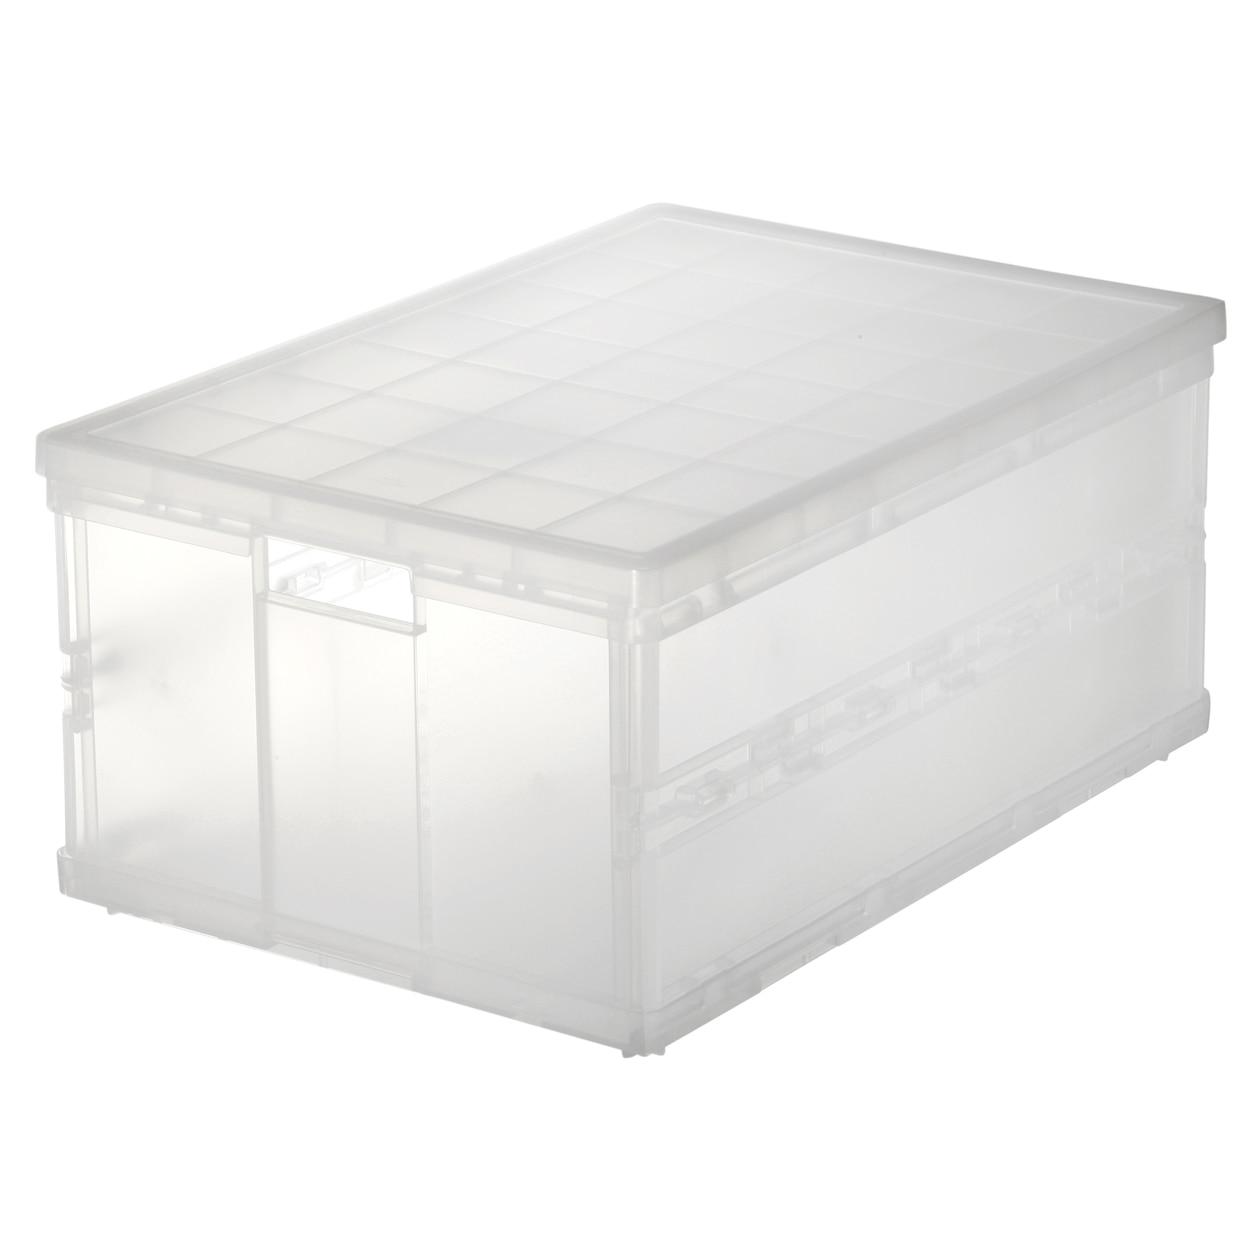 ポリプロピレンキャリーボックス・折りたたみ式・大